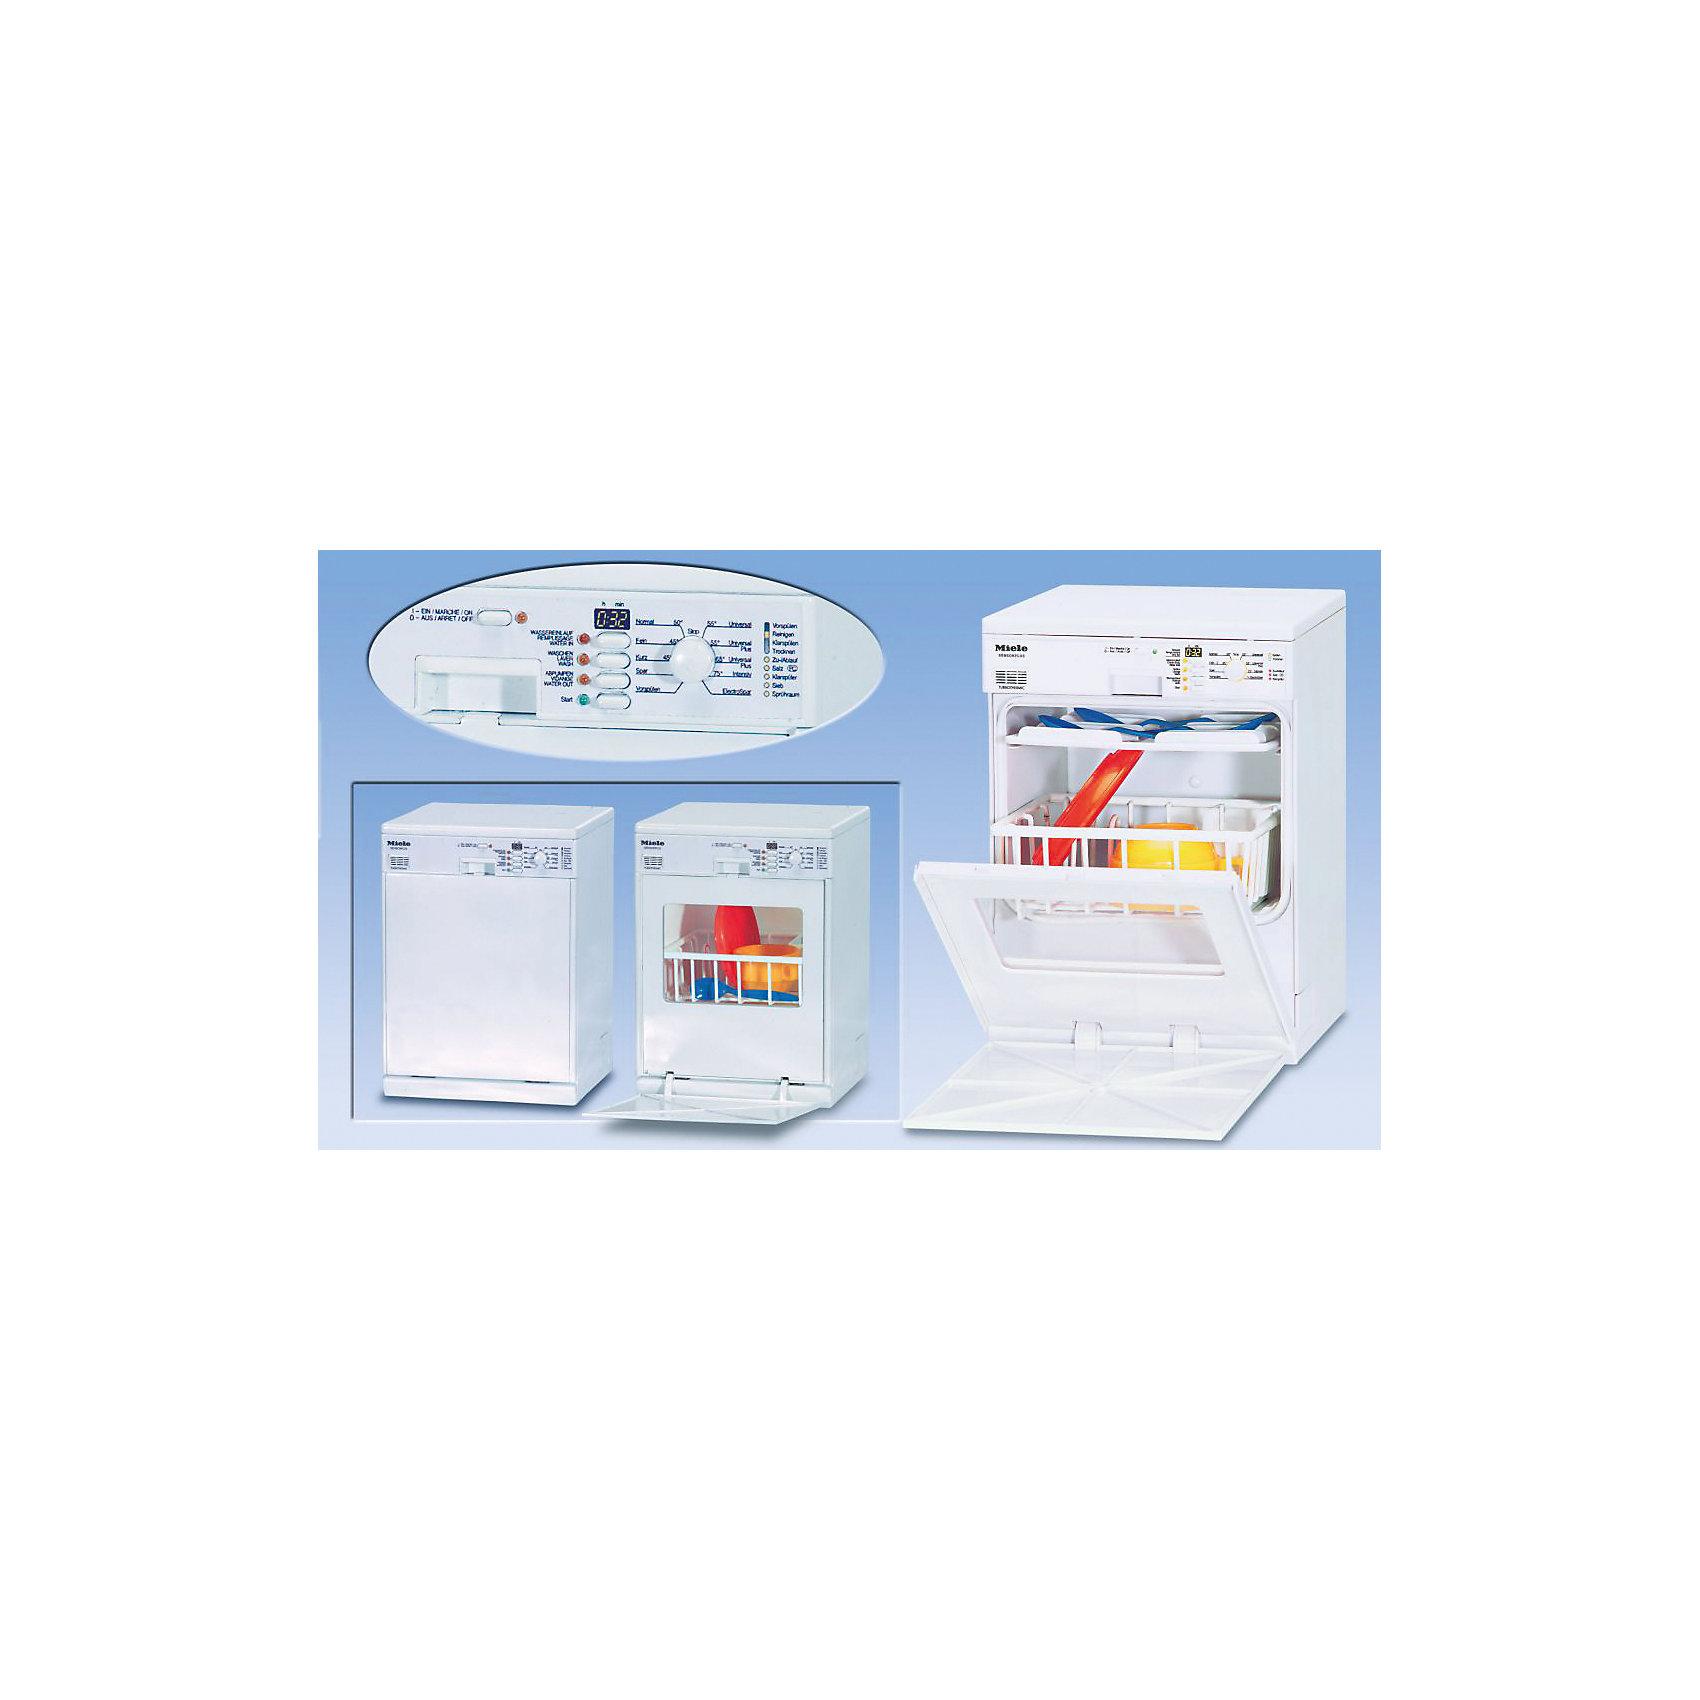 klein Посудомоечная машина Miele, Klein